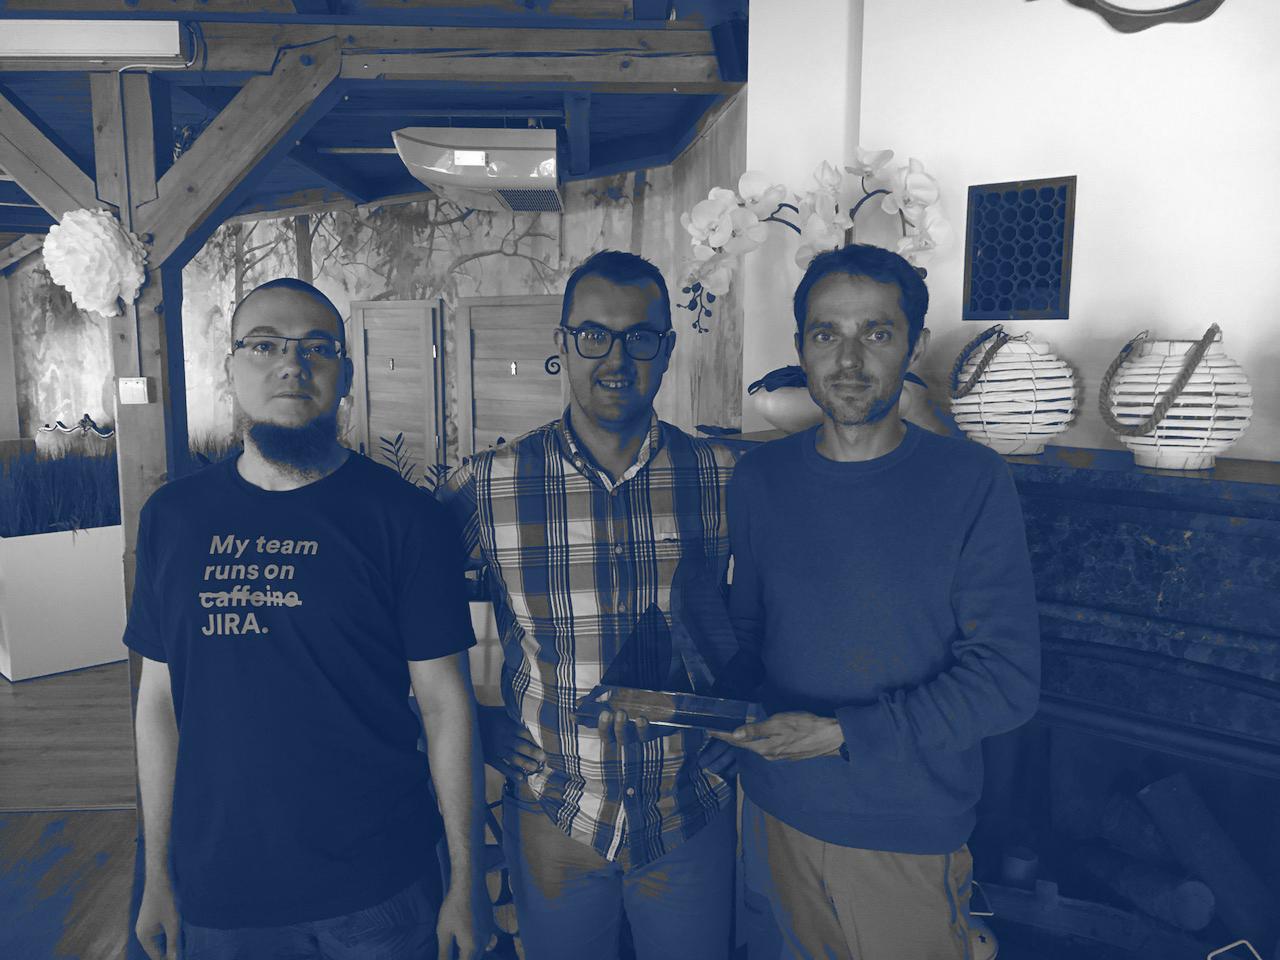 Photo HeroCoders - My team run on Jira